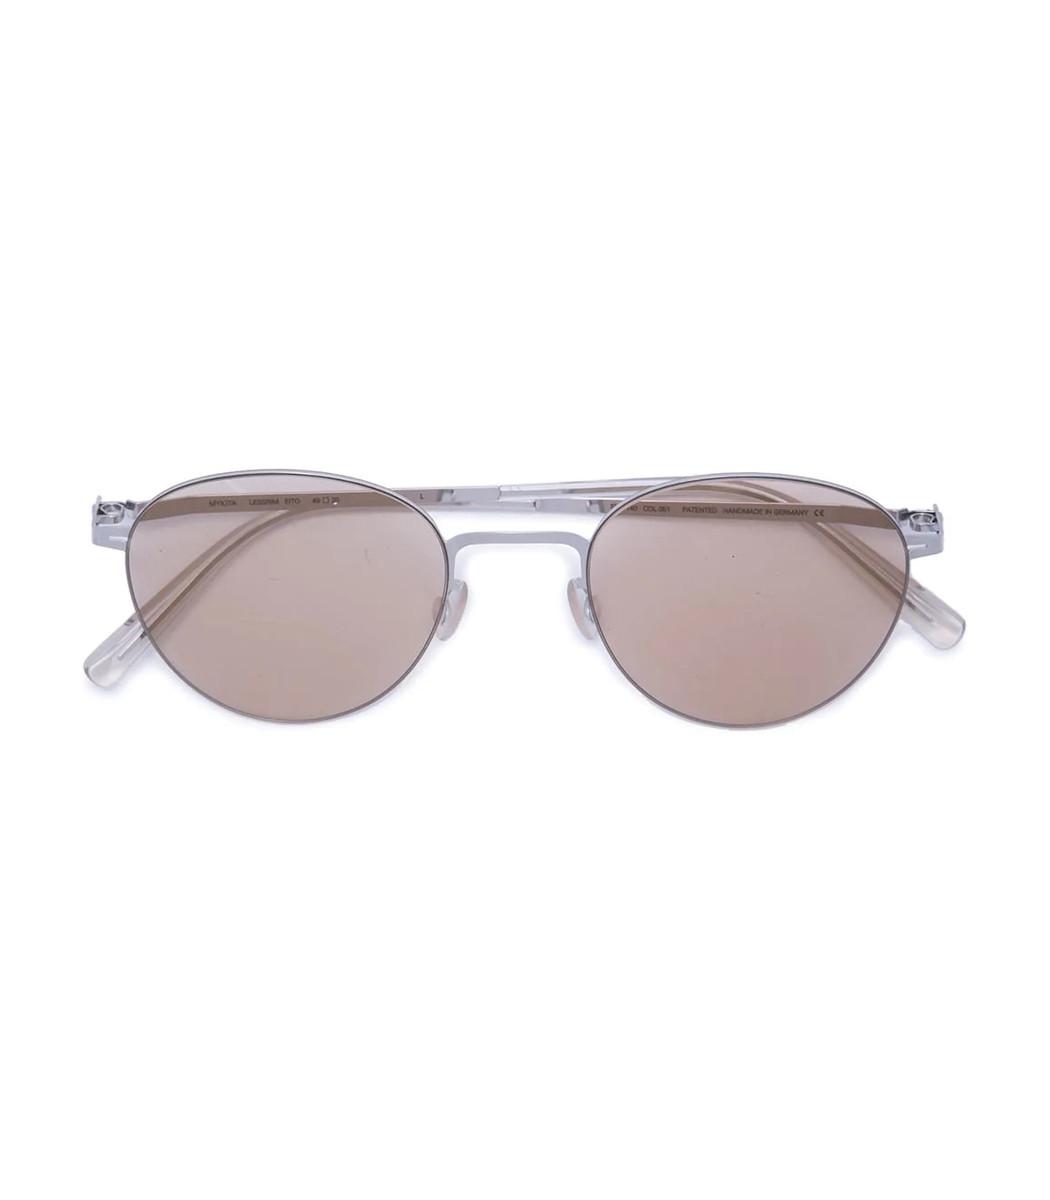 Mykita Silver Eito Sunglasses